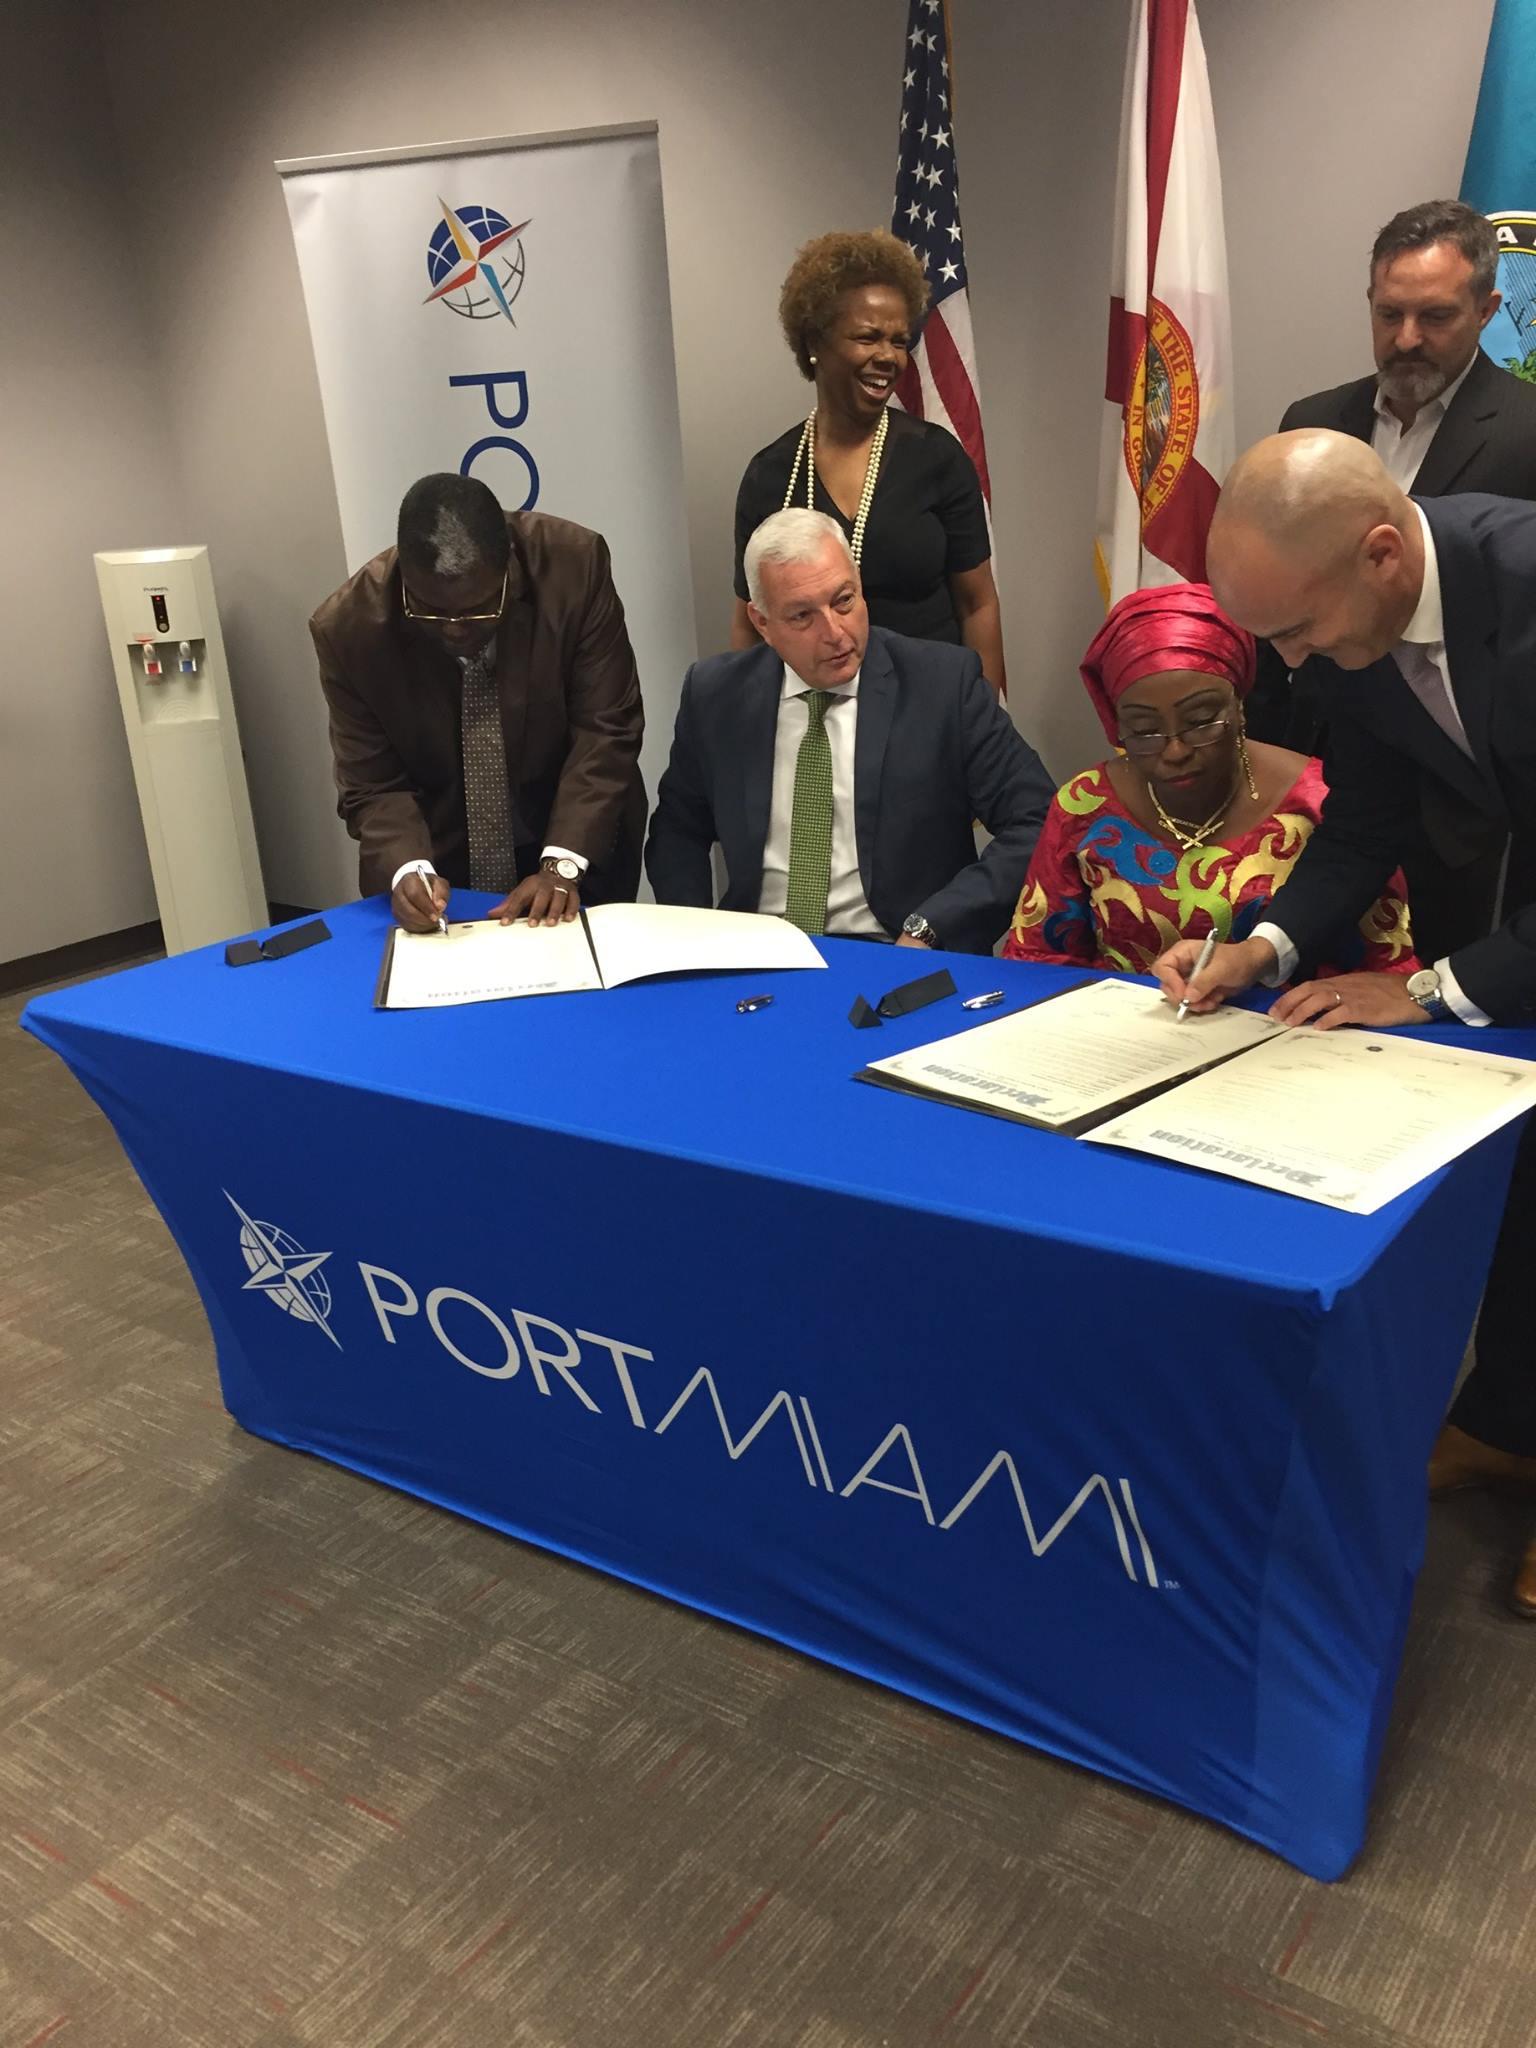 - Jumelage entre le Port de Miami et le Port de ConakryEn 2017 le Consul Honoraire de la République de Guinée l'Honorable Jordan Garcia signait en tant que témoin l'accord de jumelage entre le Port de Miami et le Port de Conakry, après de longue négociations, un moment historique...